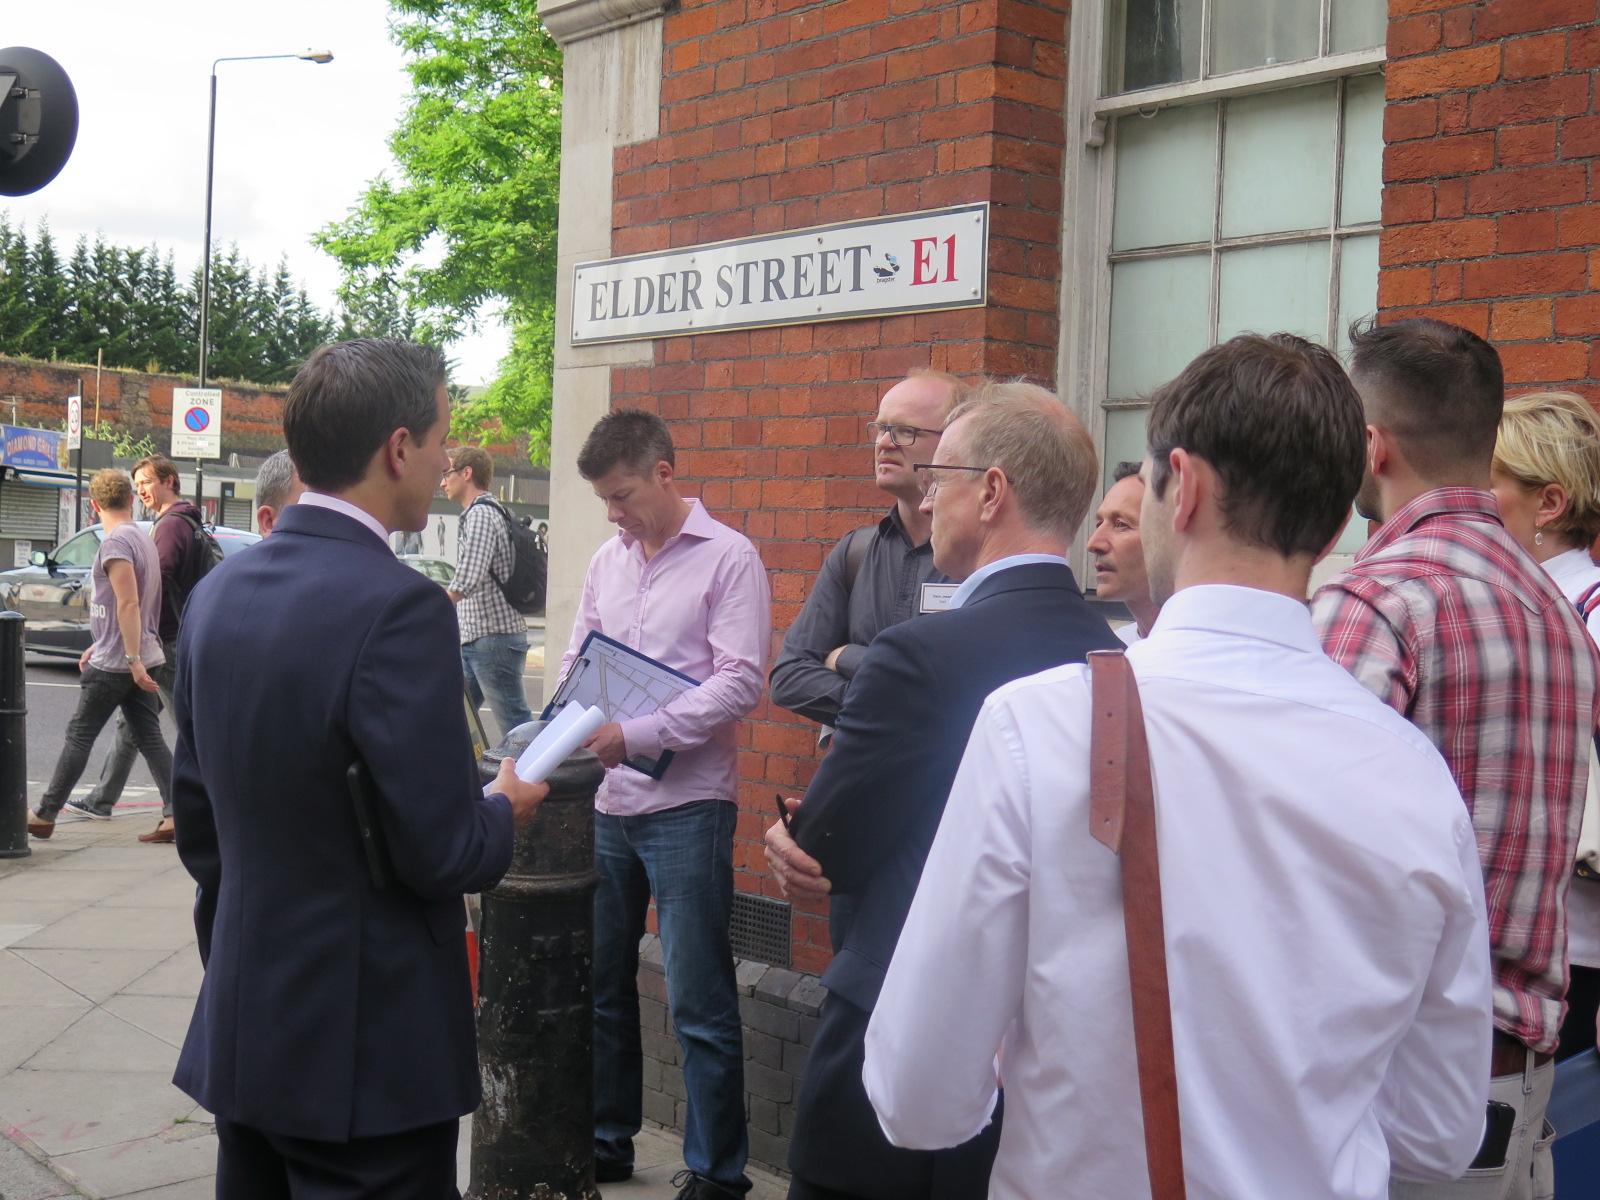 Elder Street Blossom Street Development E1